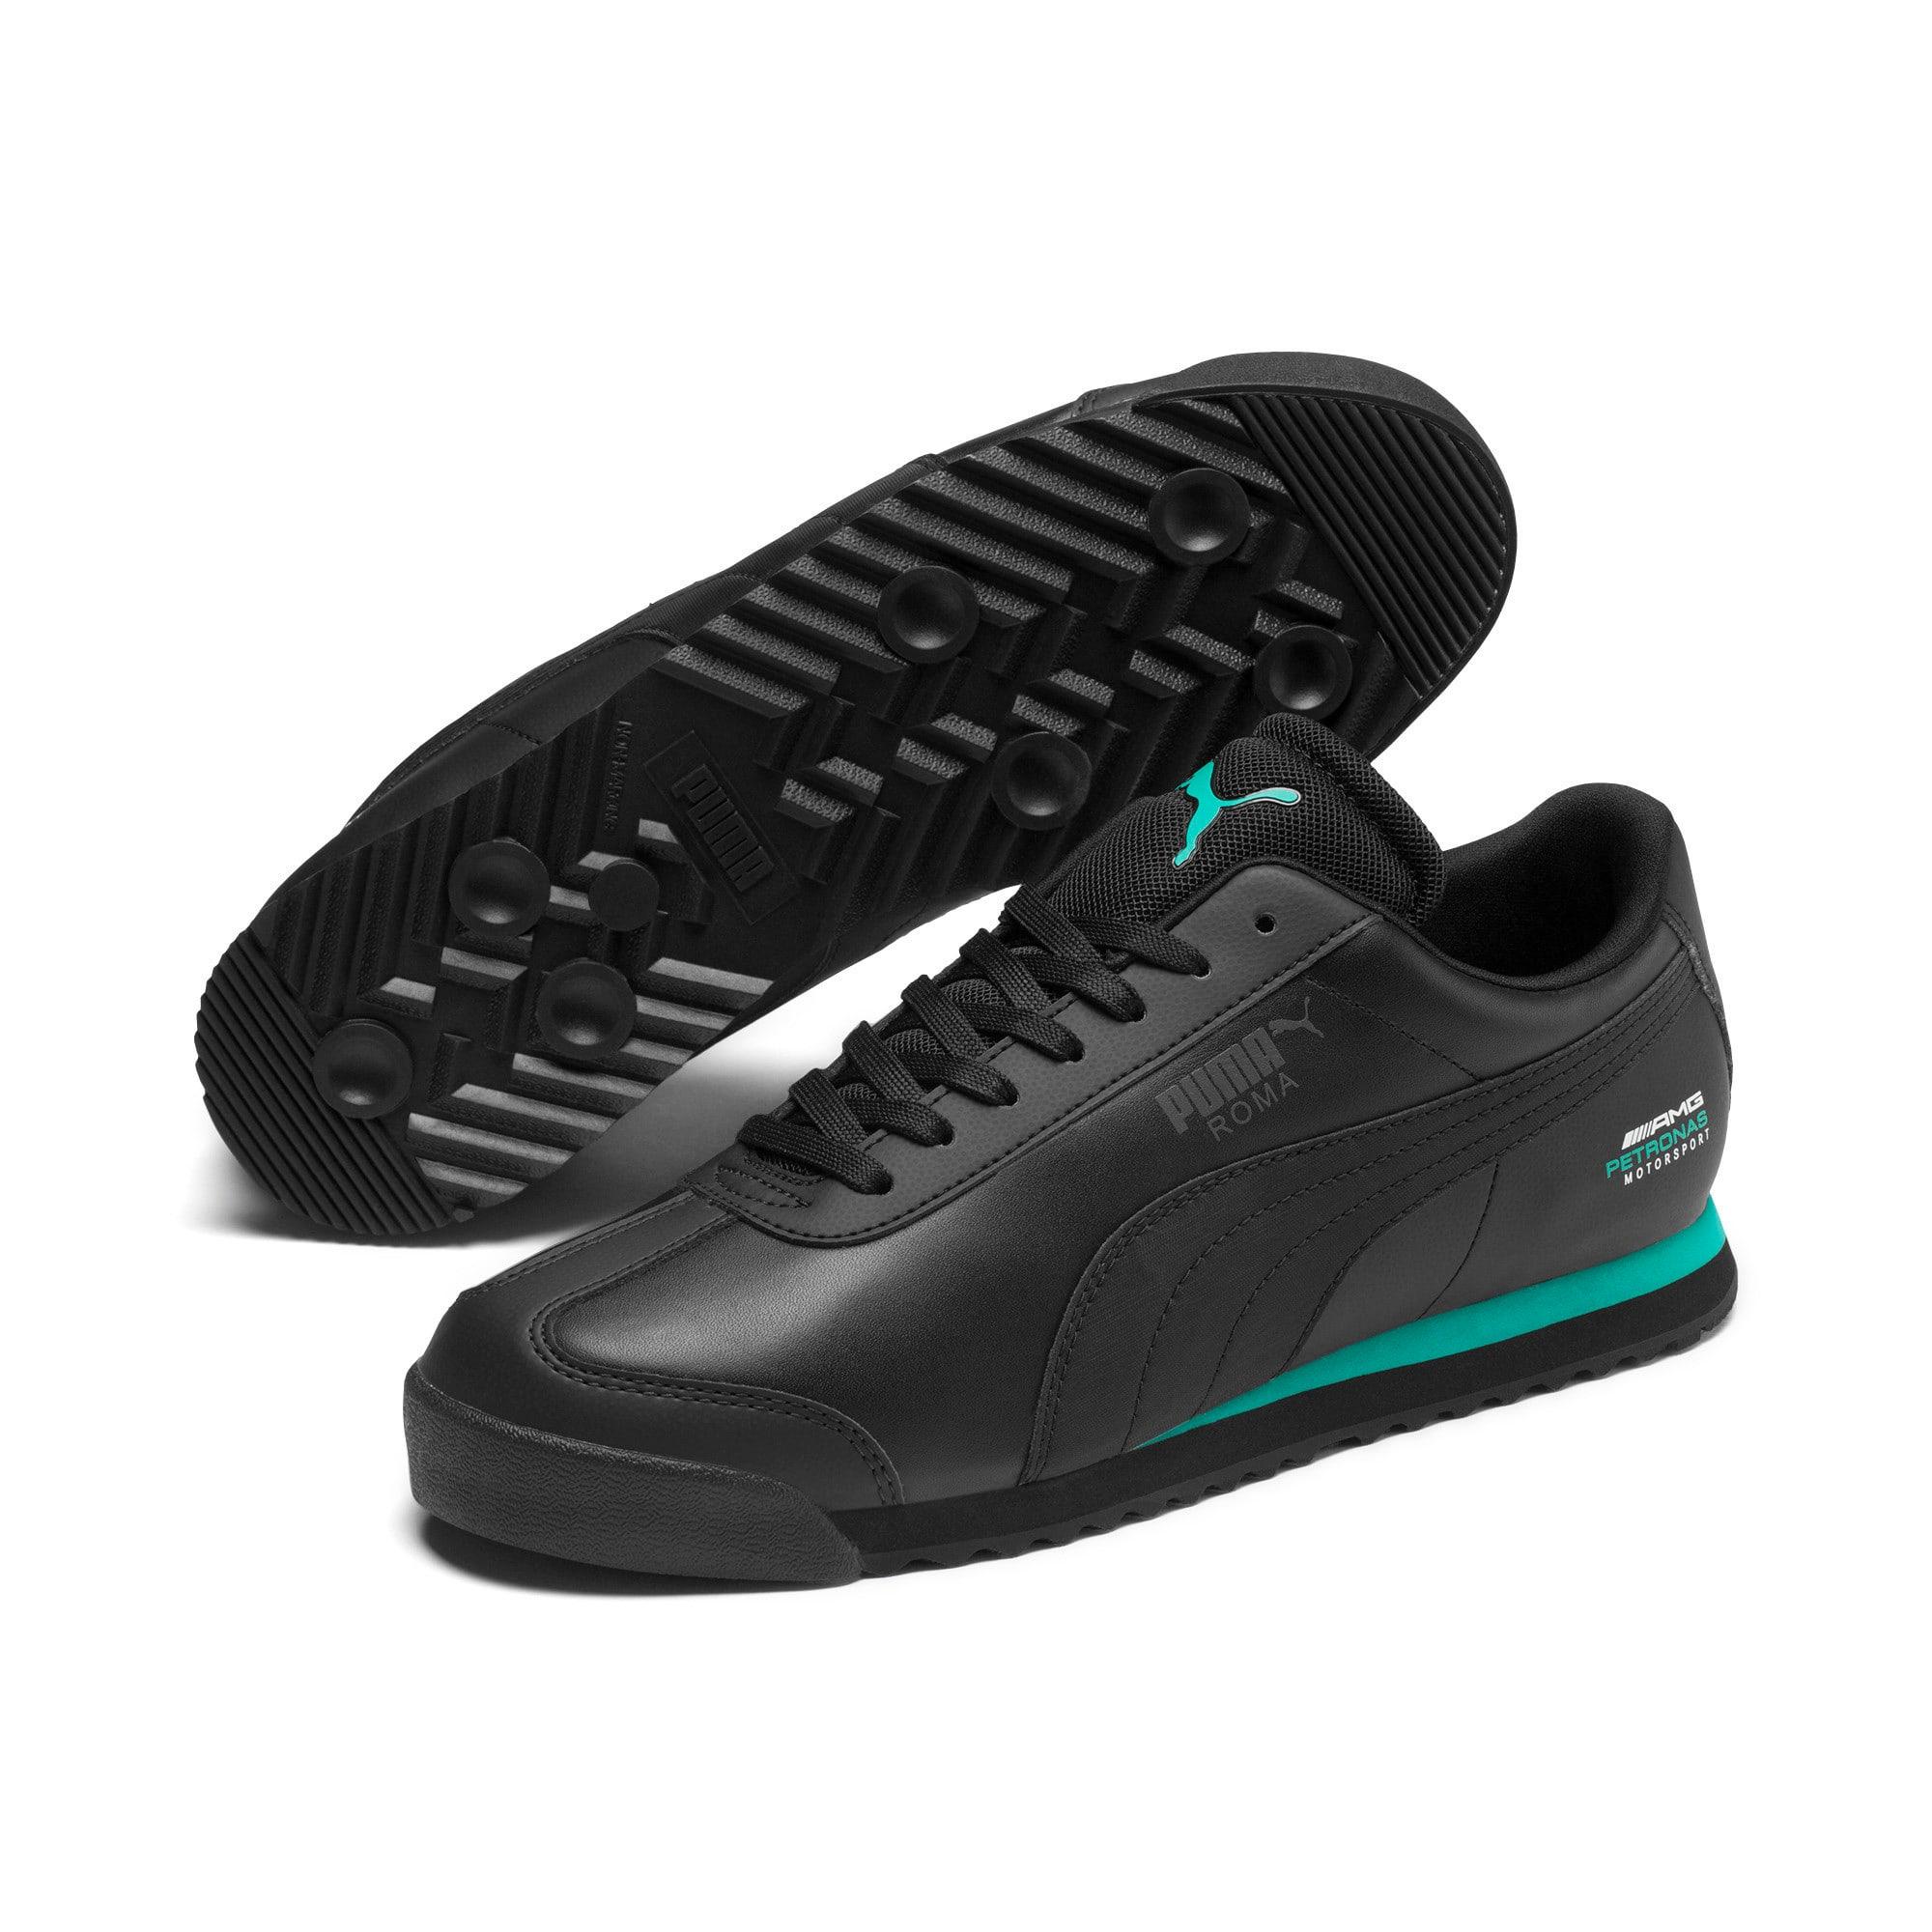 Thumbnail 3 of Mercedes AMG Petronas Roma Men's Sneakers, Puma Black-Puma Black, medium